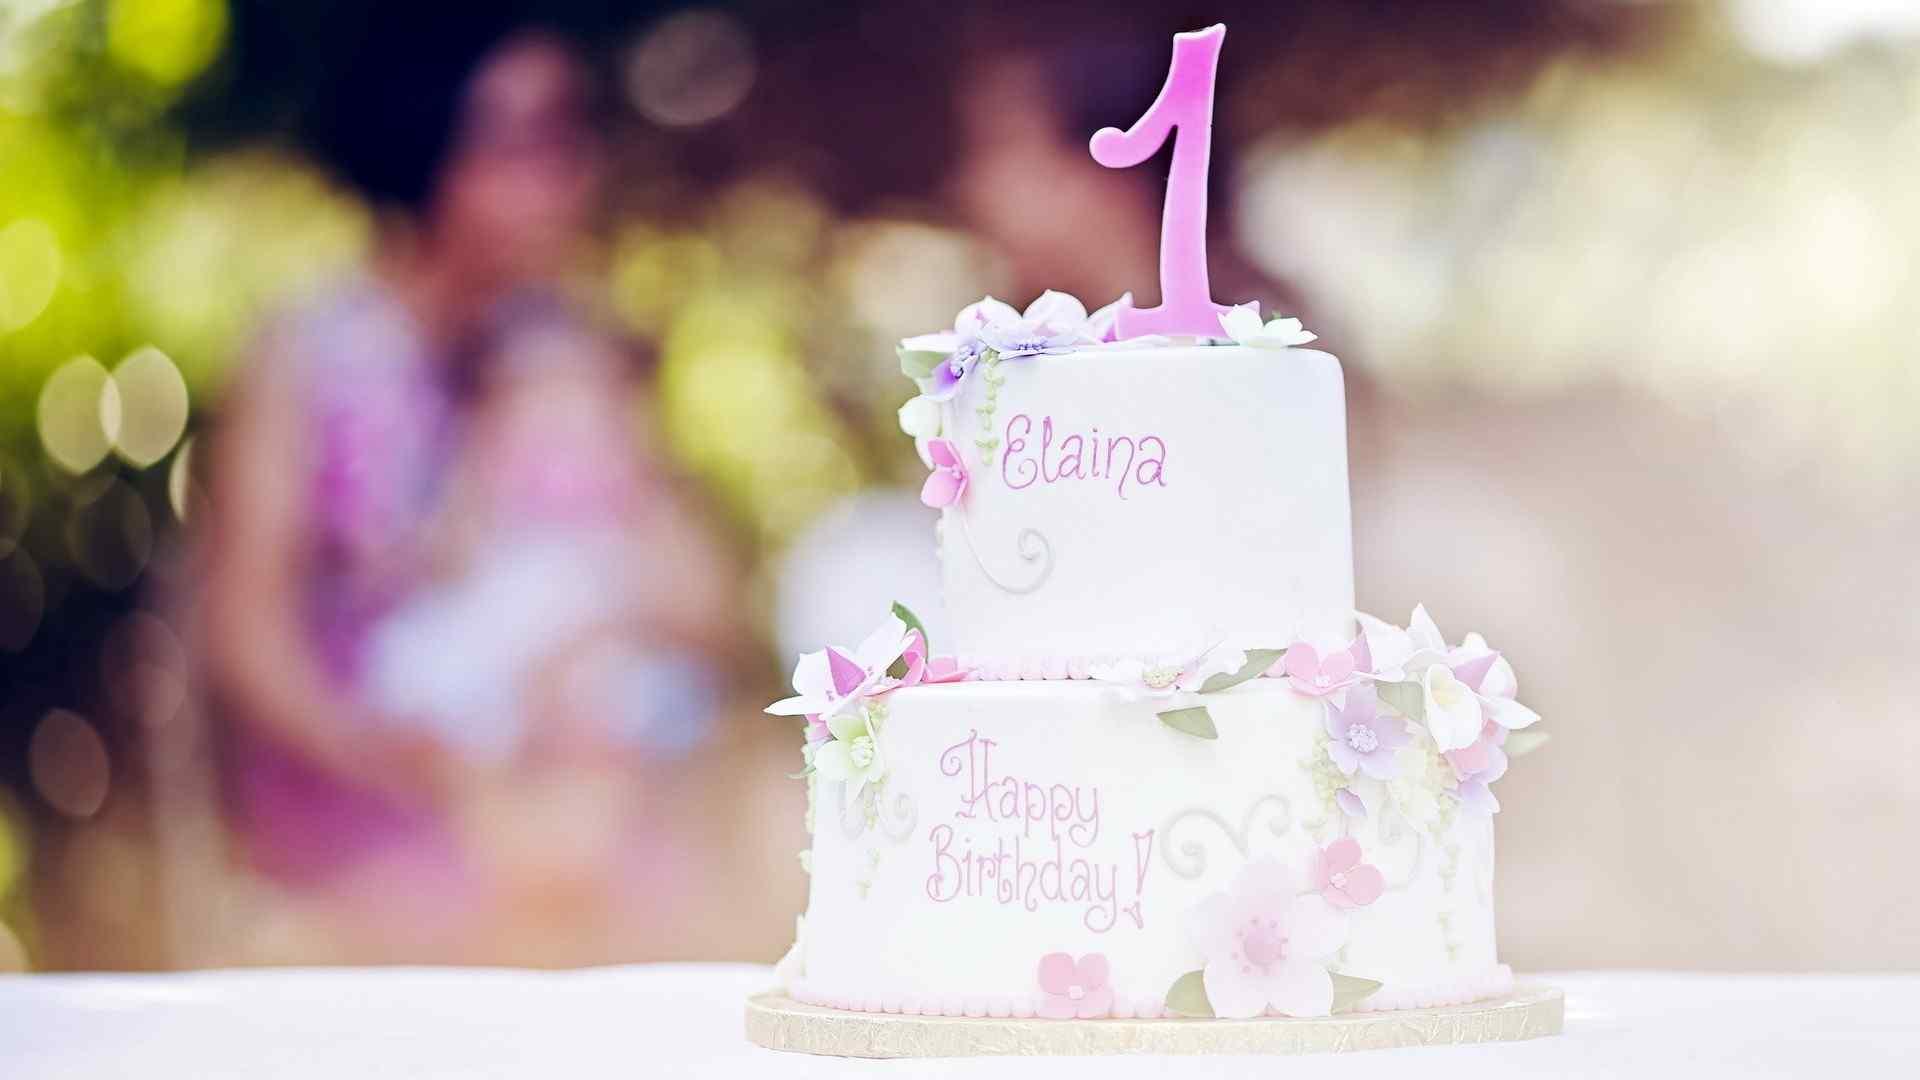 精致小巧可爱生日蛋糕桌面壁纸